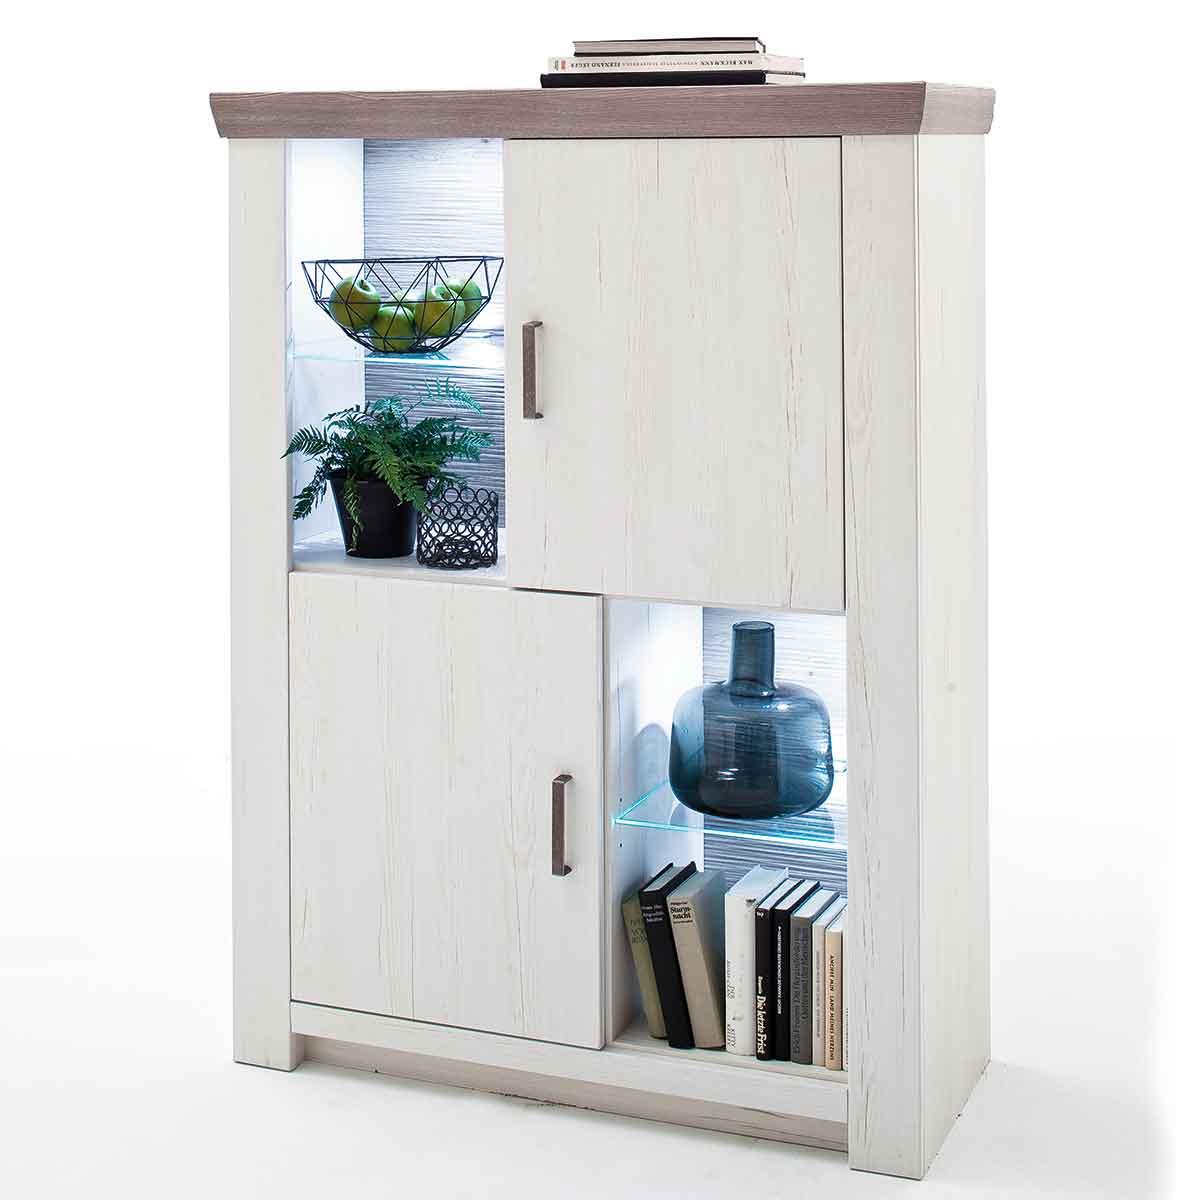 Full Size of Deko Sideboard Wohnzimmer Dekoration Küche Wanddeko Schlafzimmer Badezimmer Mit Arbeitsplatte Für Wohnzimmer Deko Sideboard